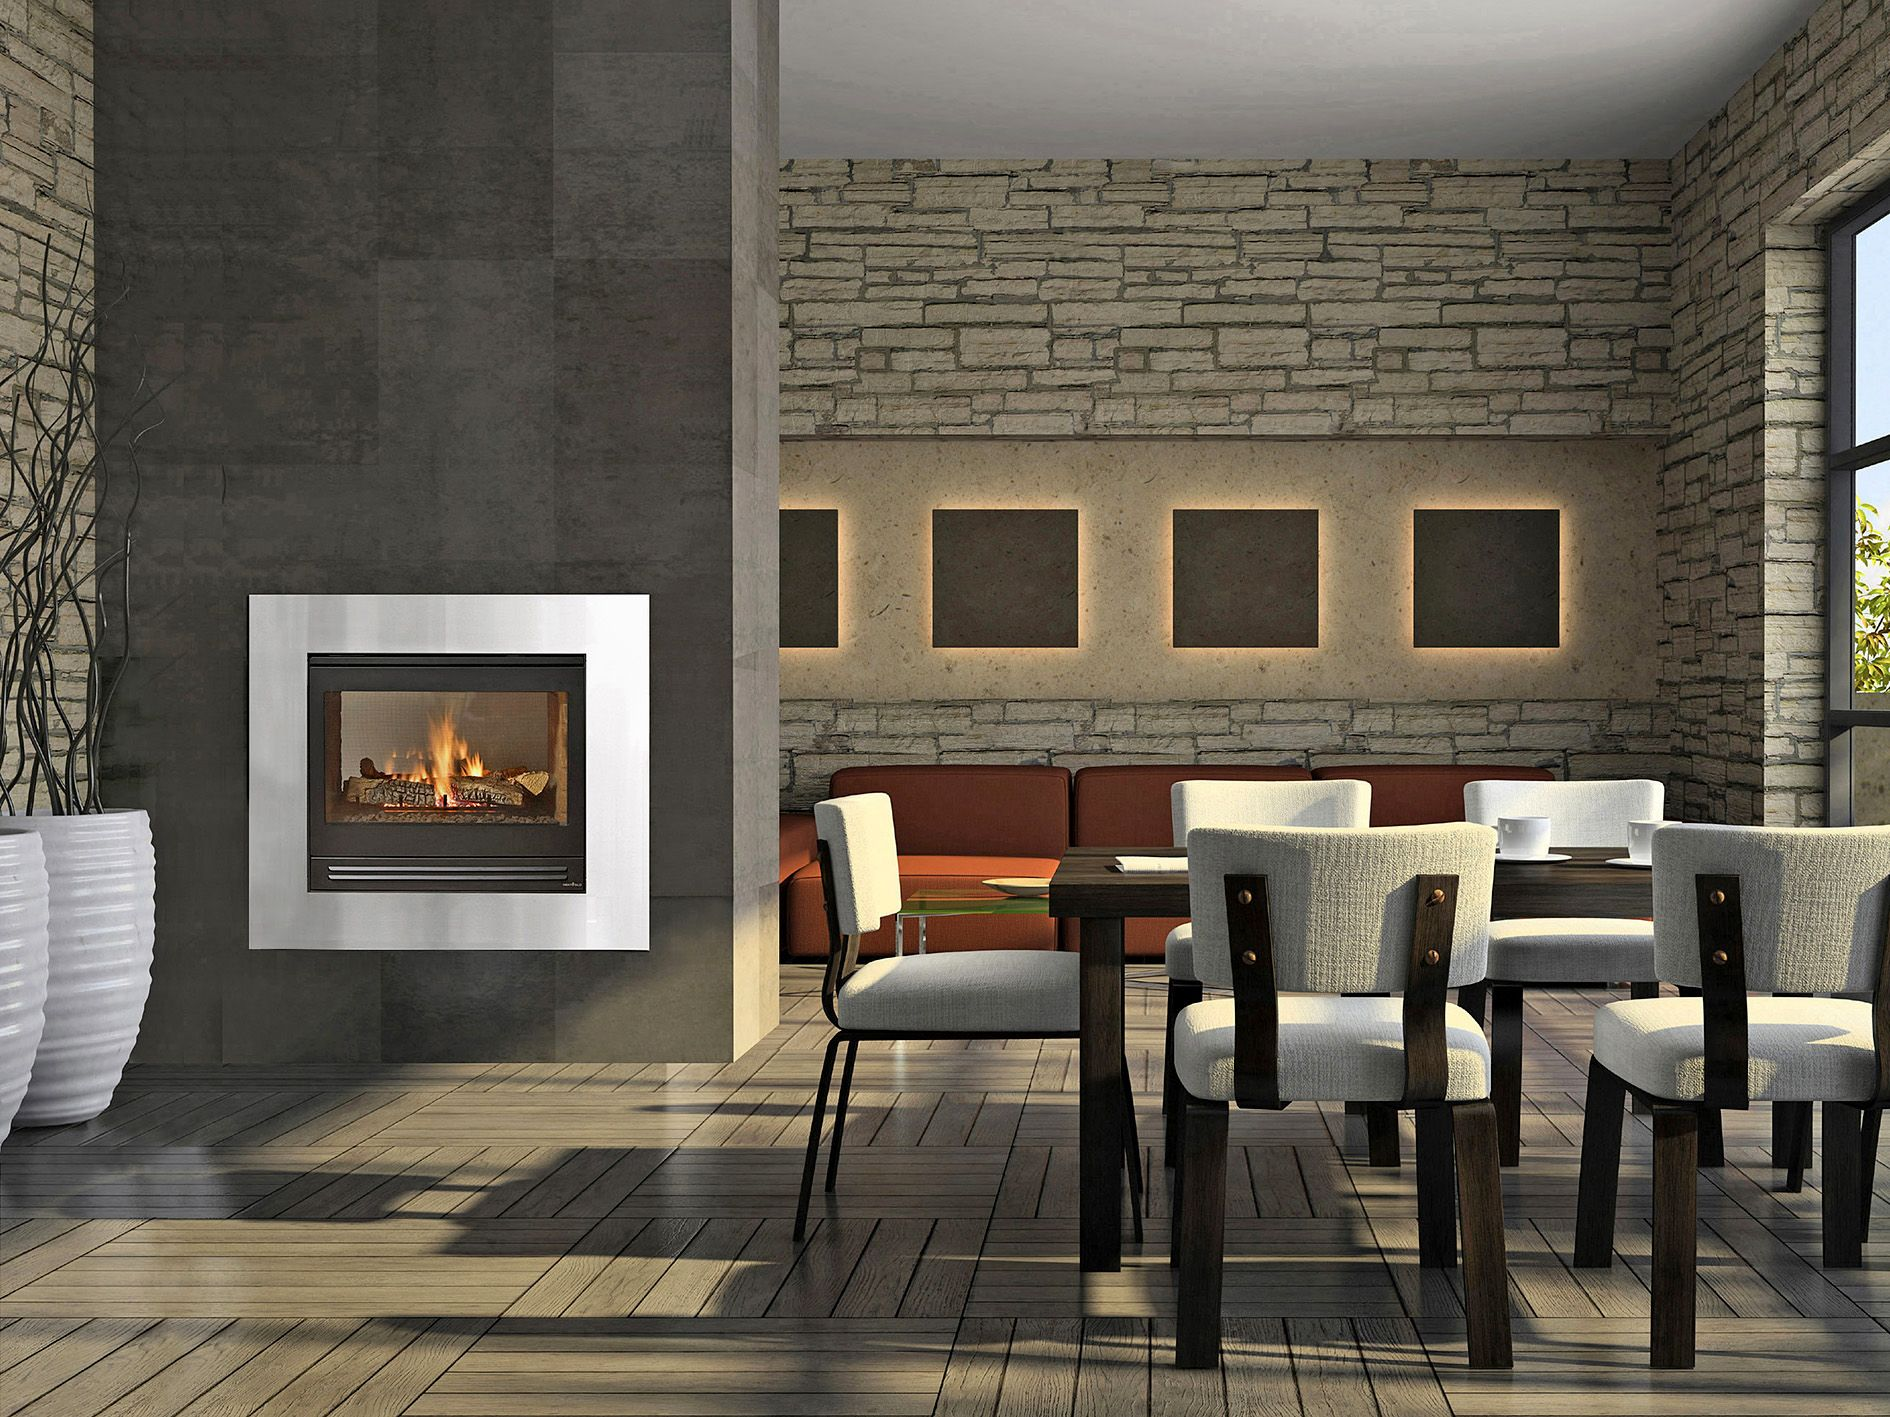 Efficiency of gas fireplace - Heat Glo St Hvbi The Efficient Double Sided Gas Fireplace Heats 2 Rooms